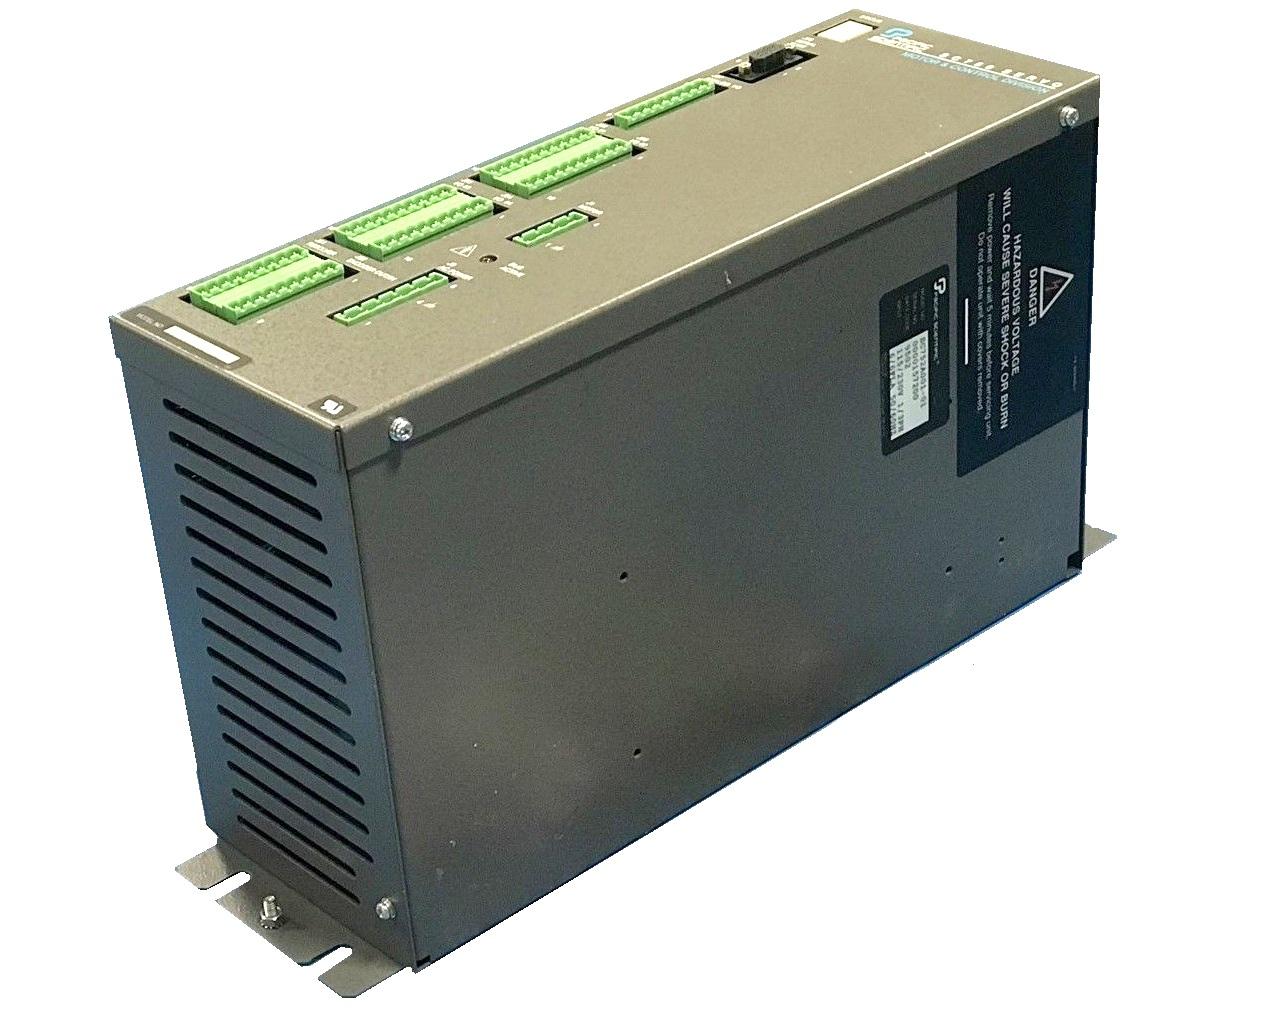 SC755A-001-01